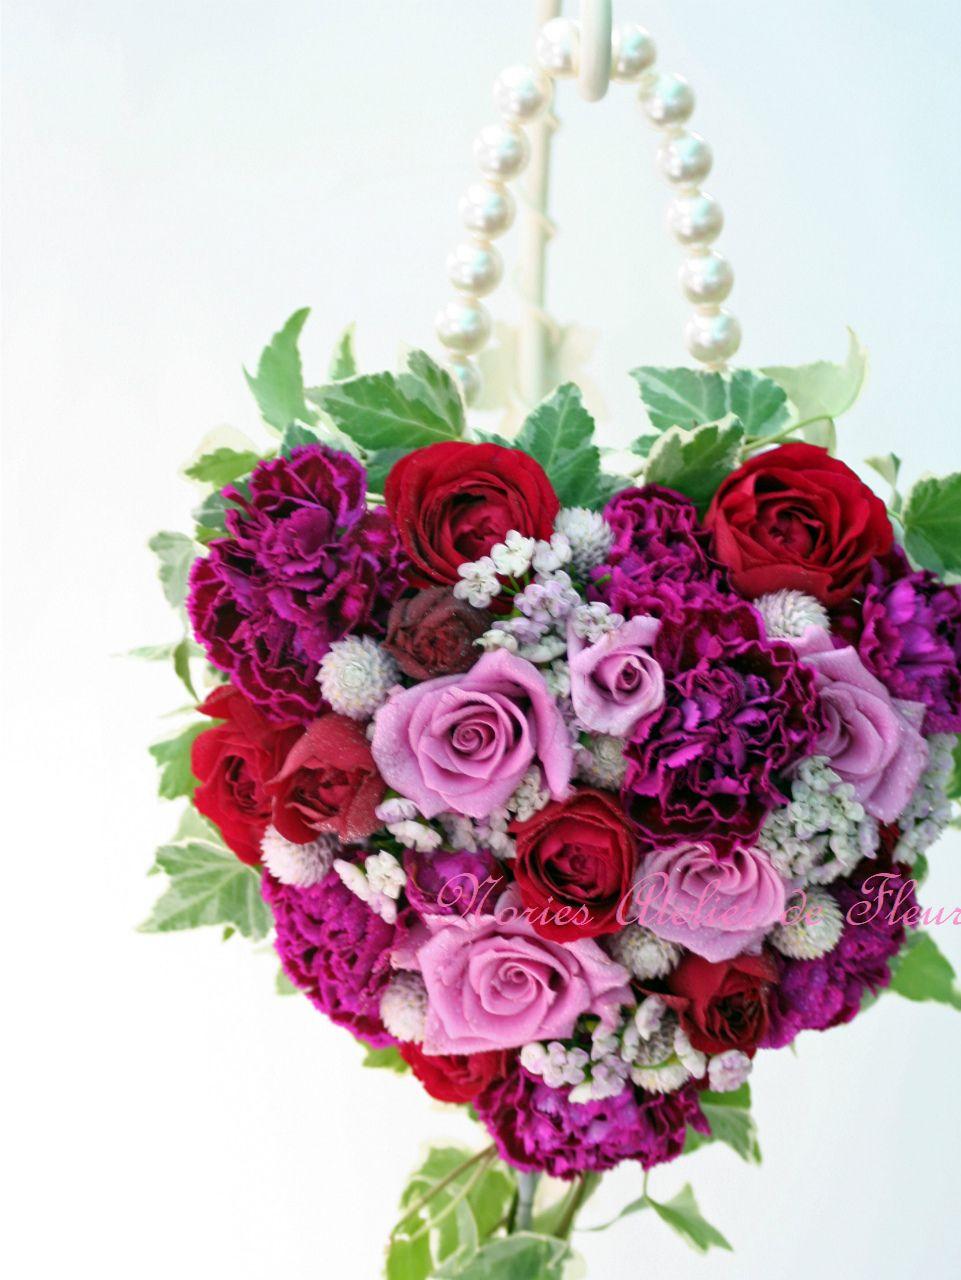 生花 紫のバラのバッグ型ブーケ